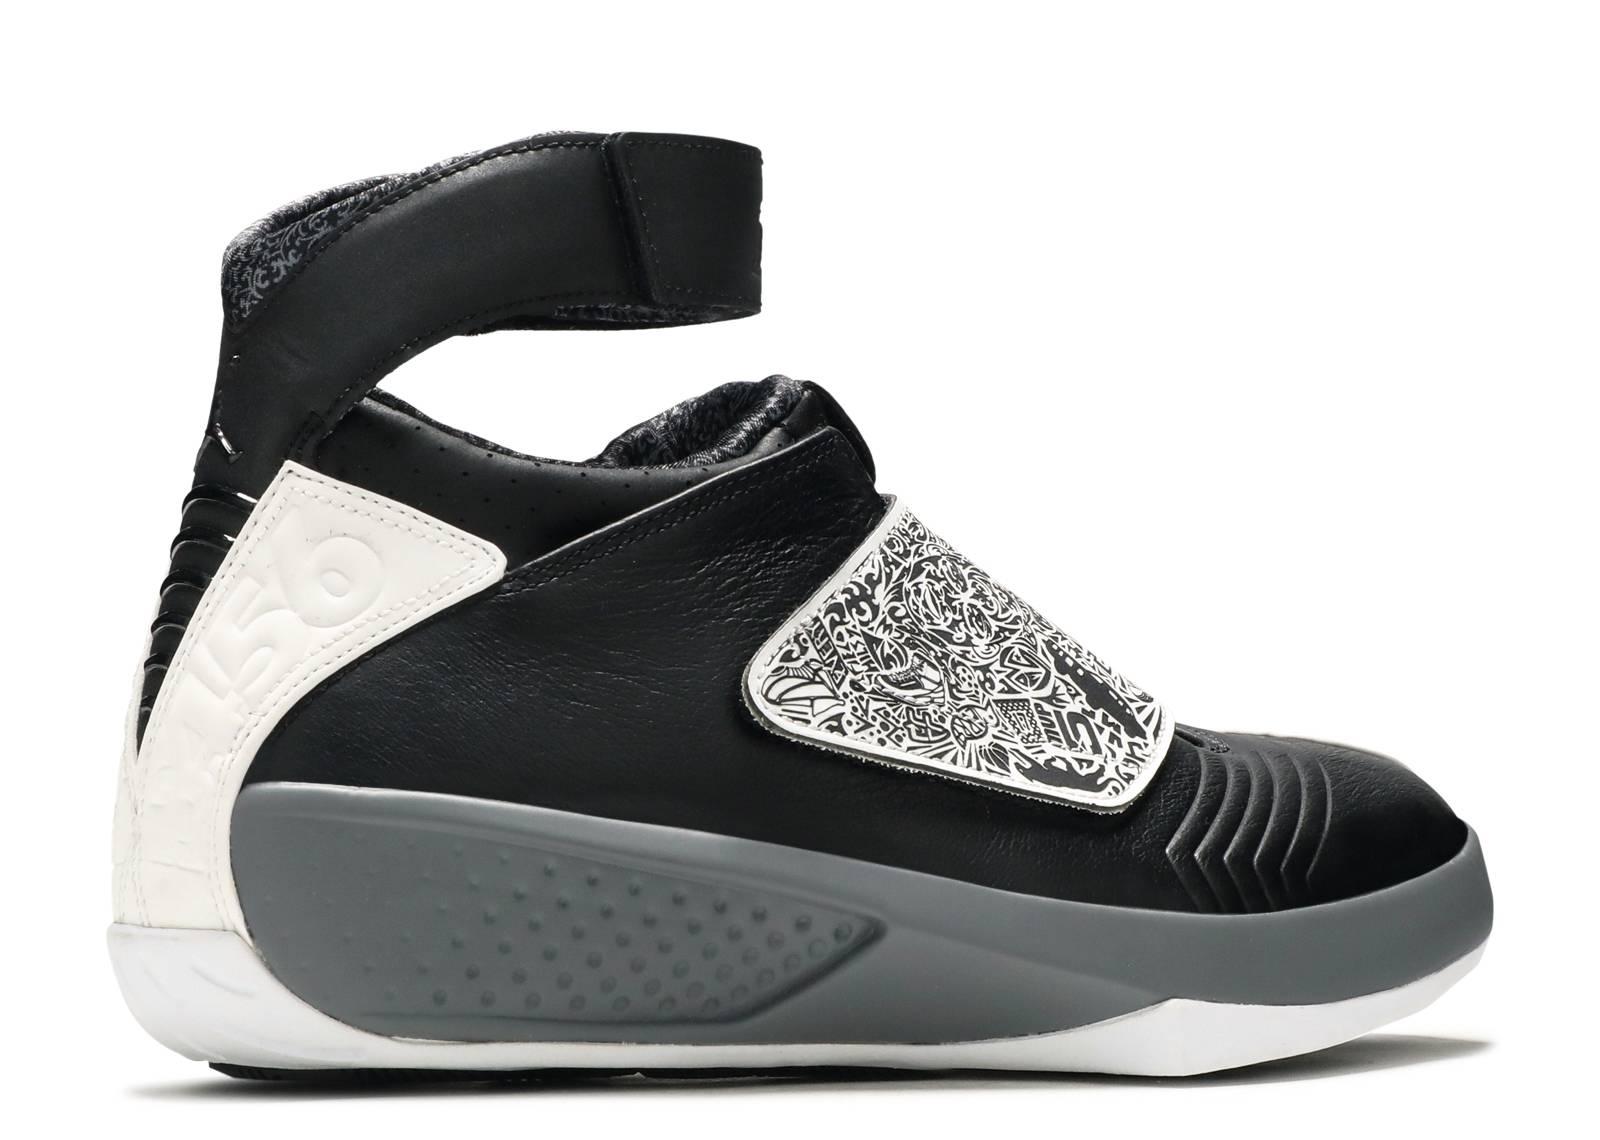 Air Jordan 20